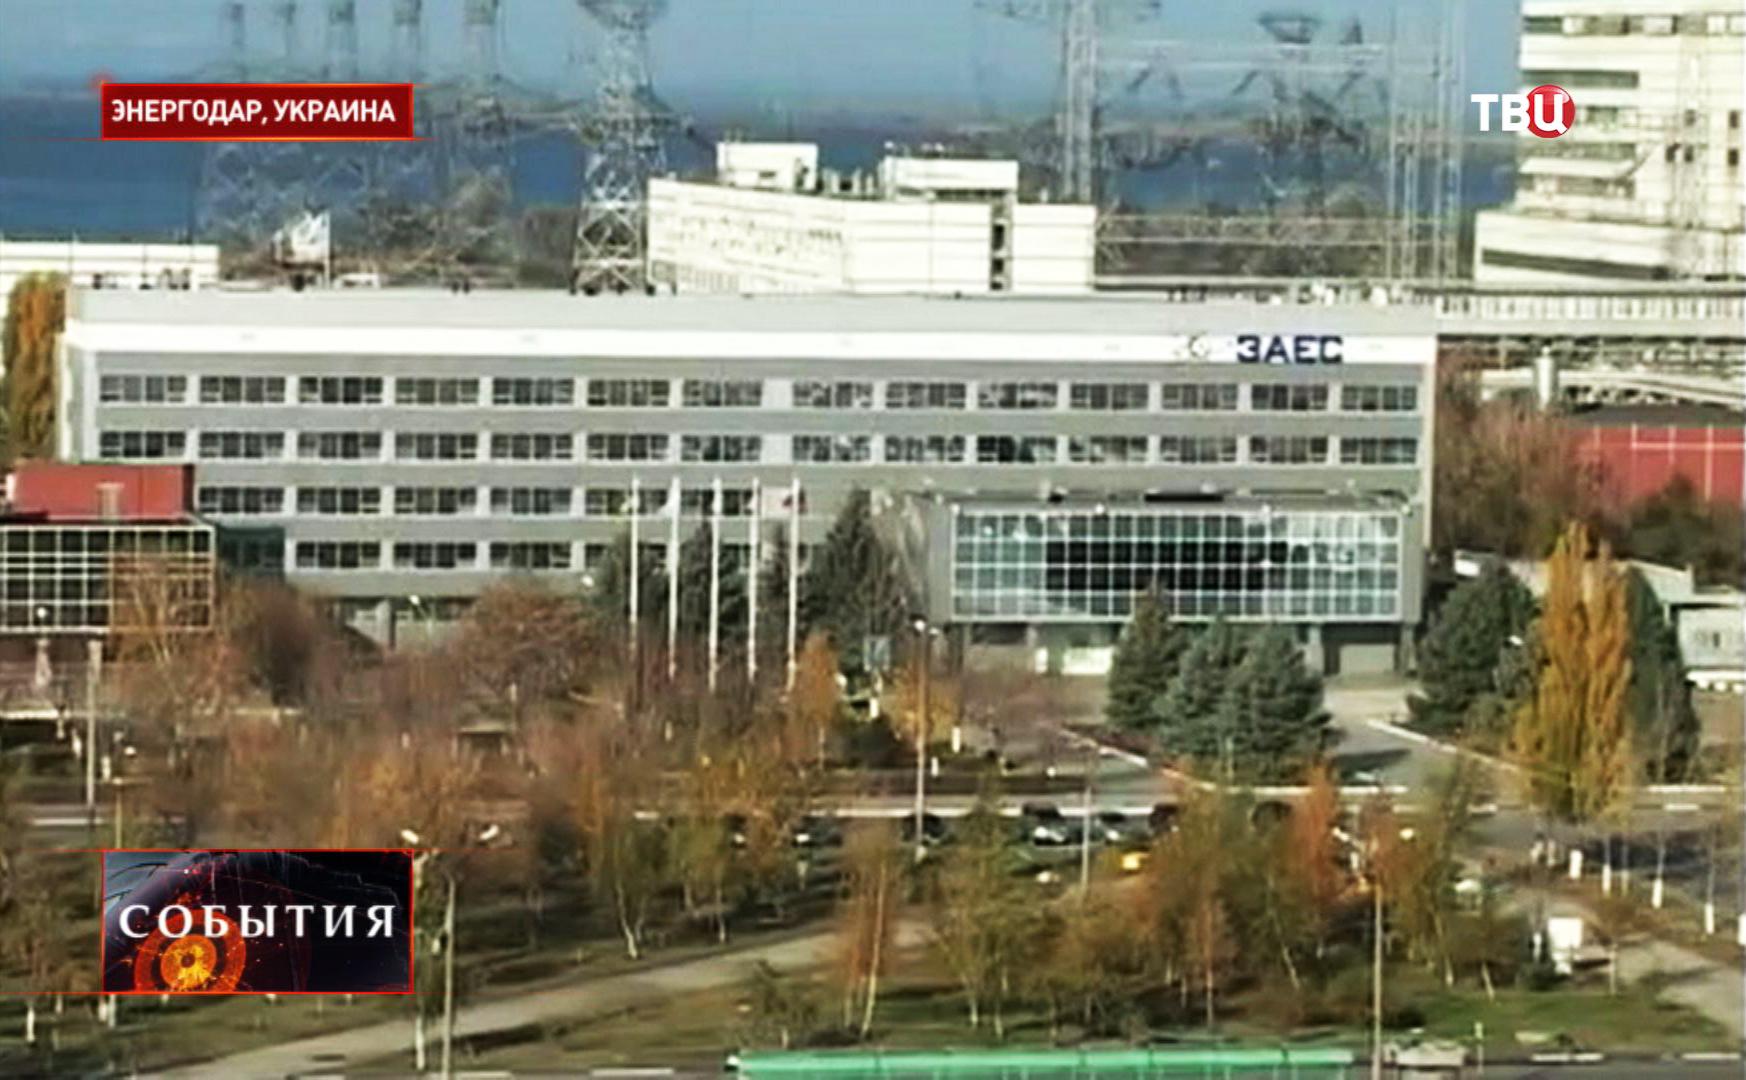 Крупнейшая украинская атомная электростанция в городе Энергодар